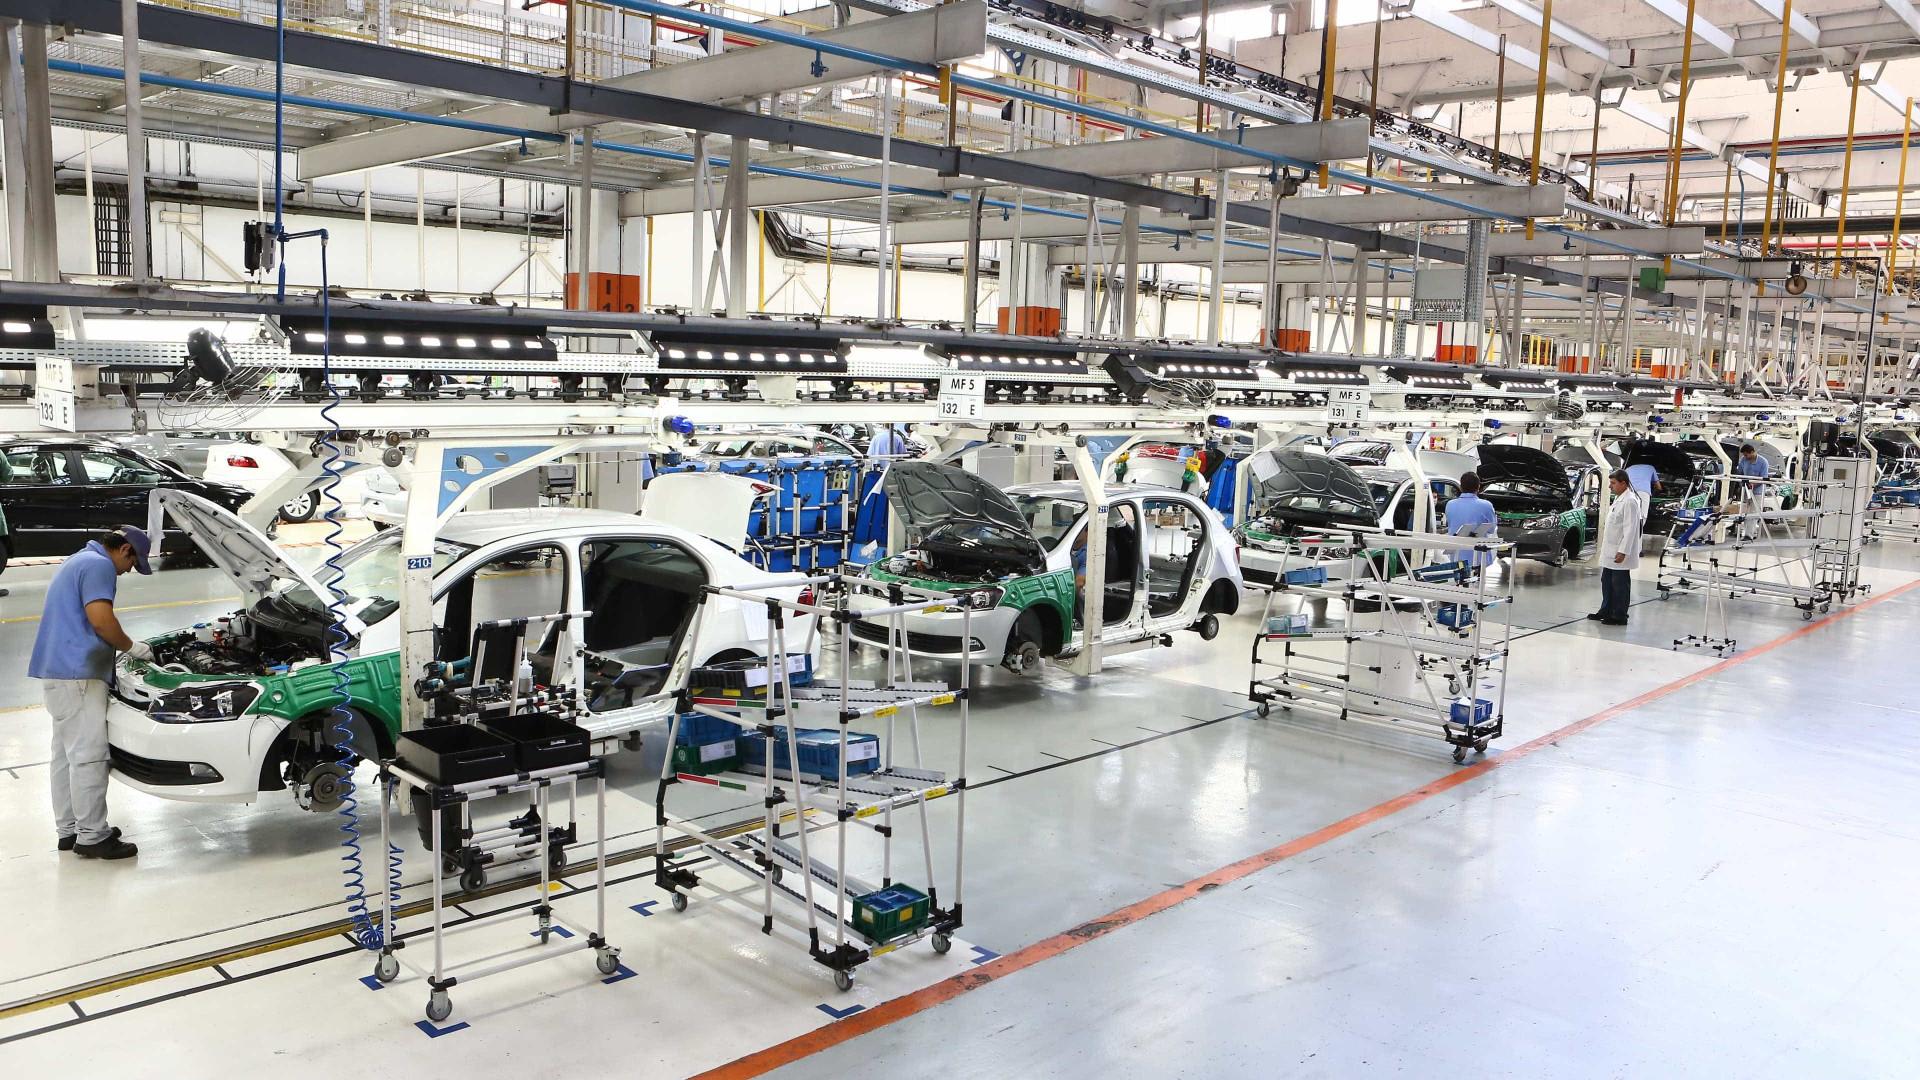 CNI aponta que produção aumentou e emprego ficou estável em março